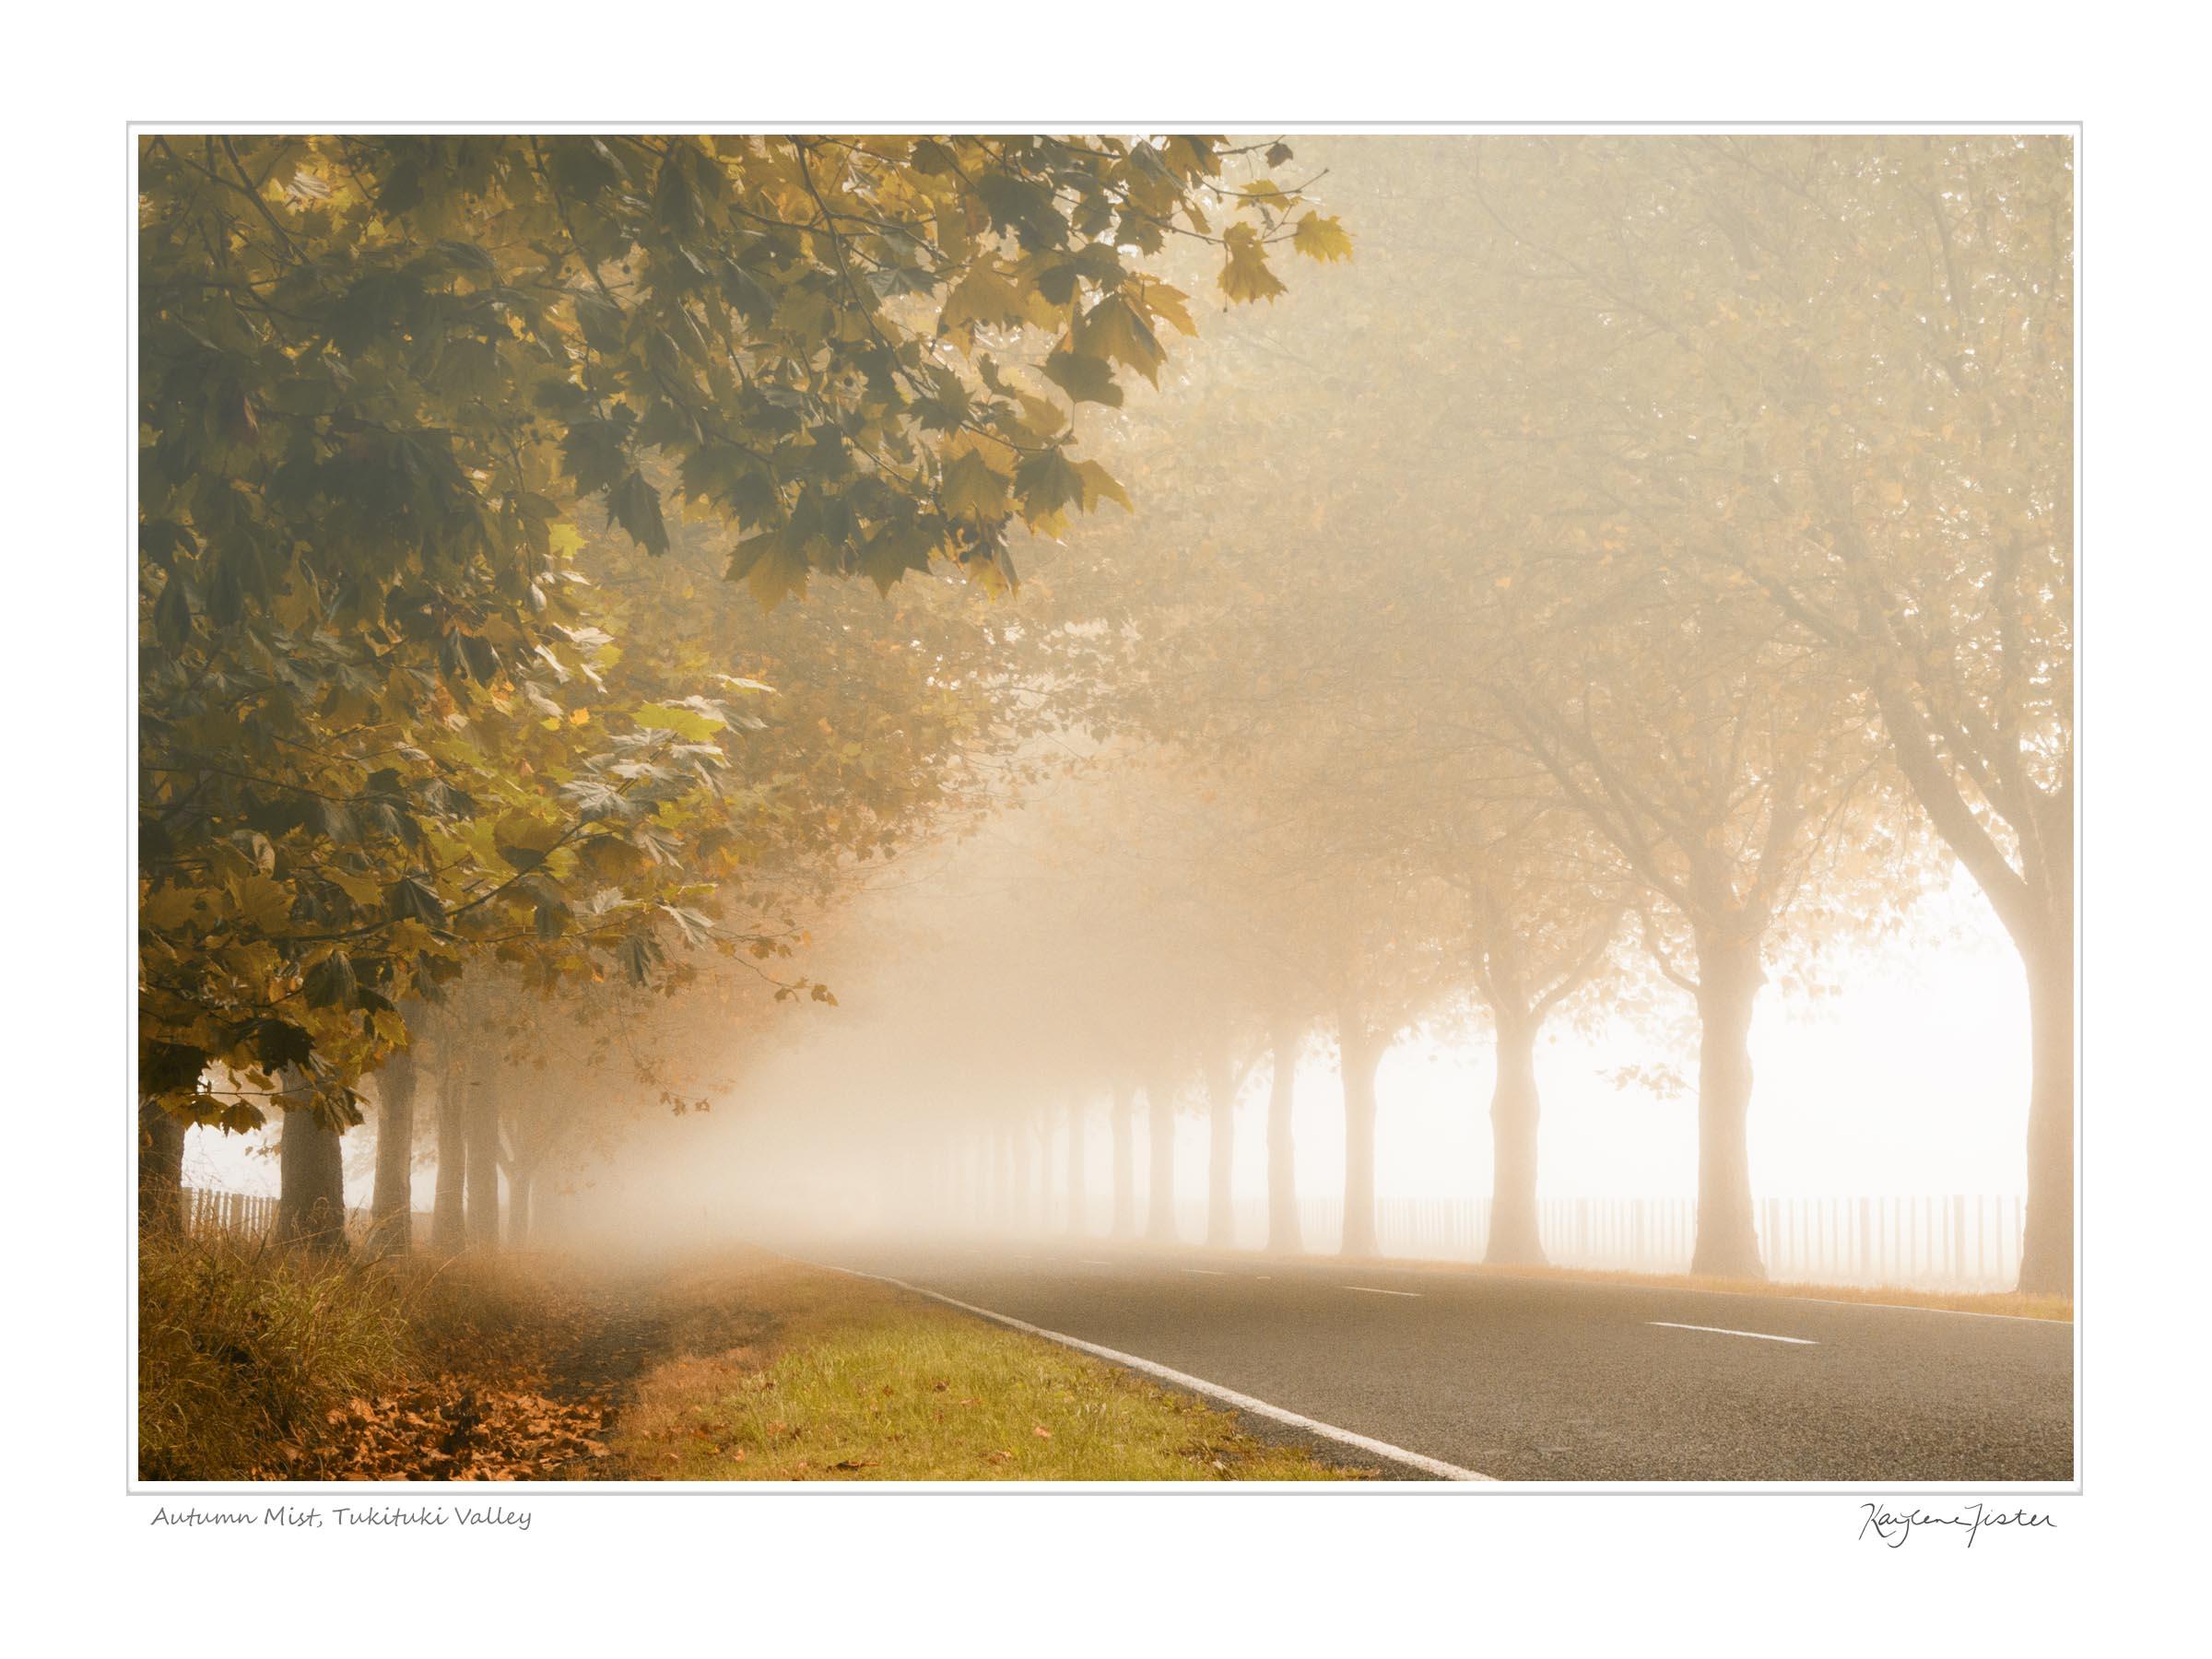 0079:6384 Autumn Mist, Tukituki Valley